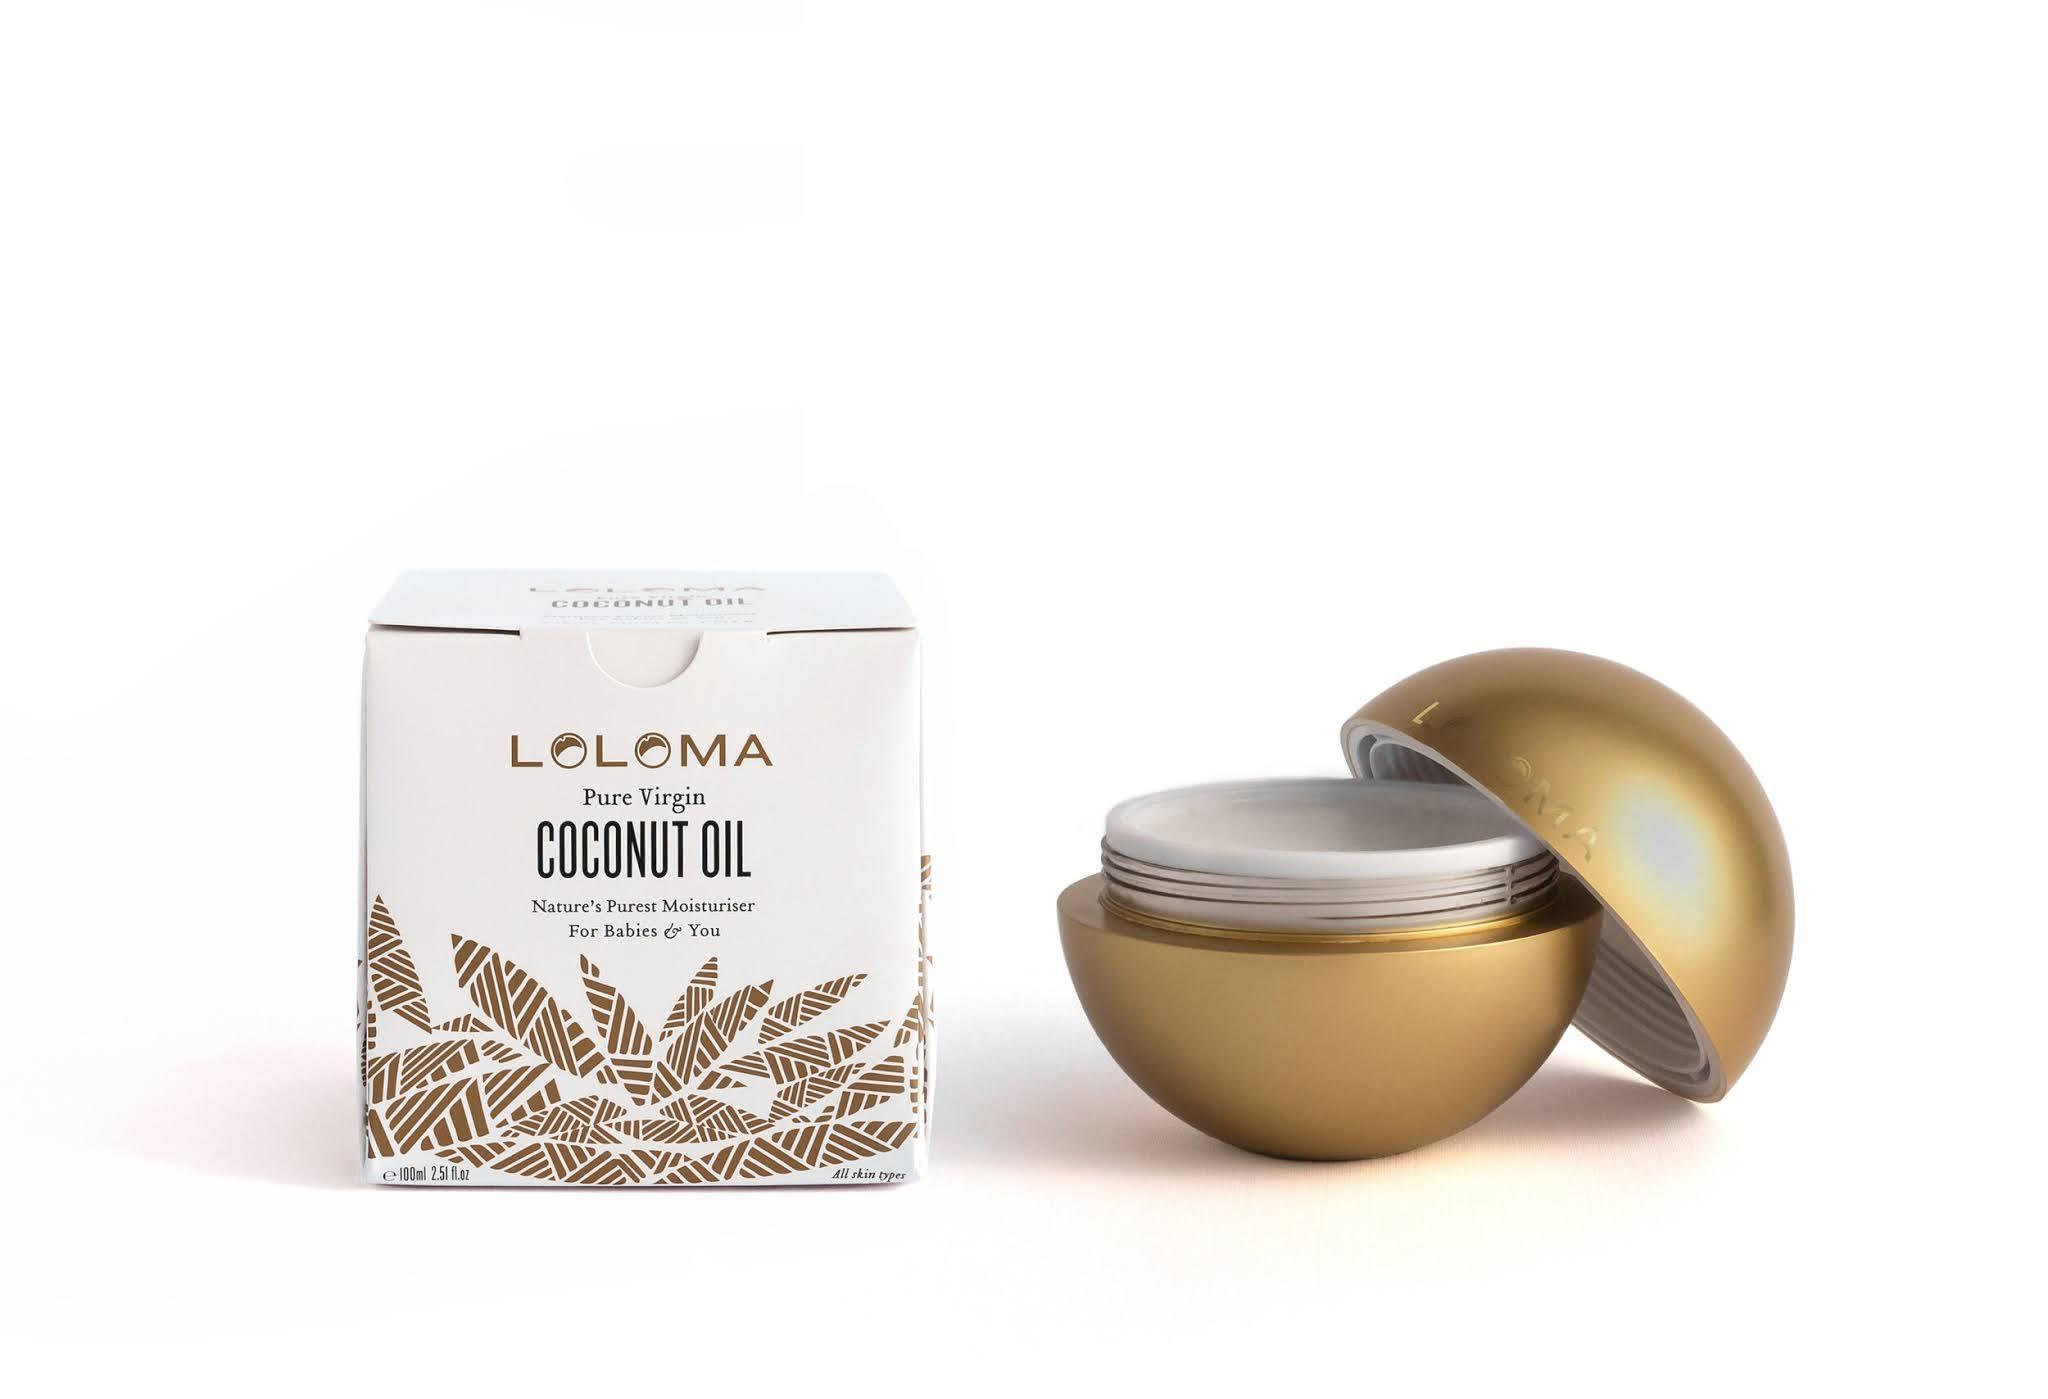 Loloma Fiji Review